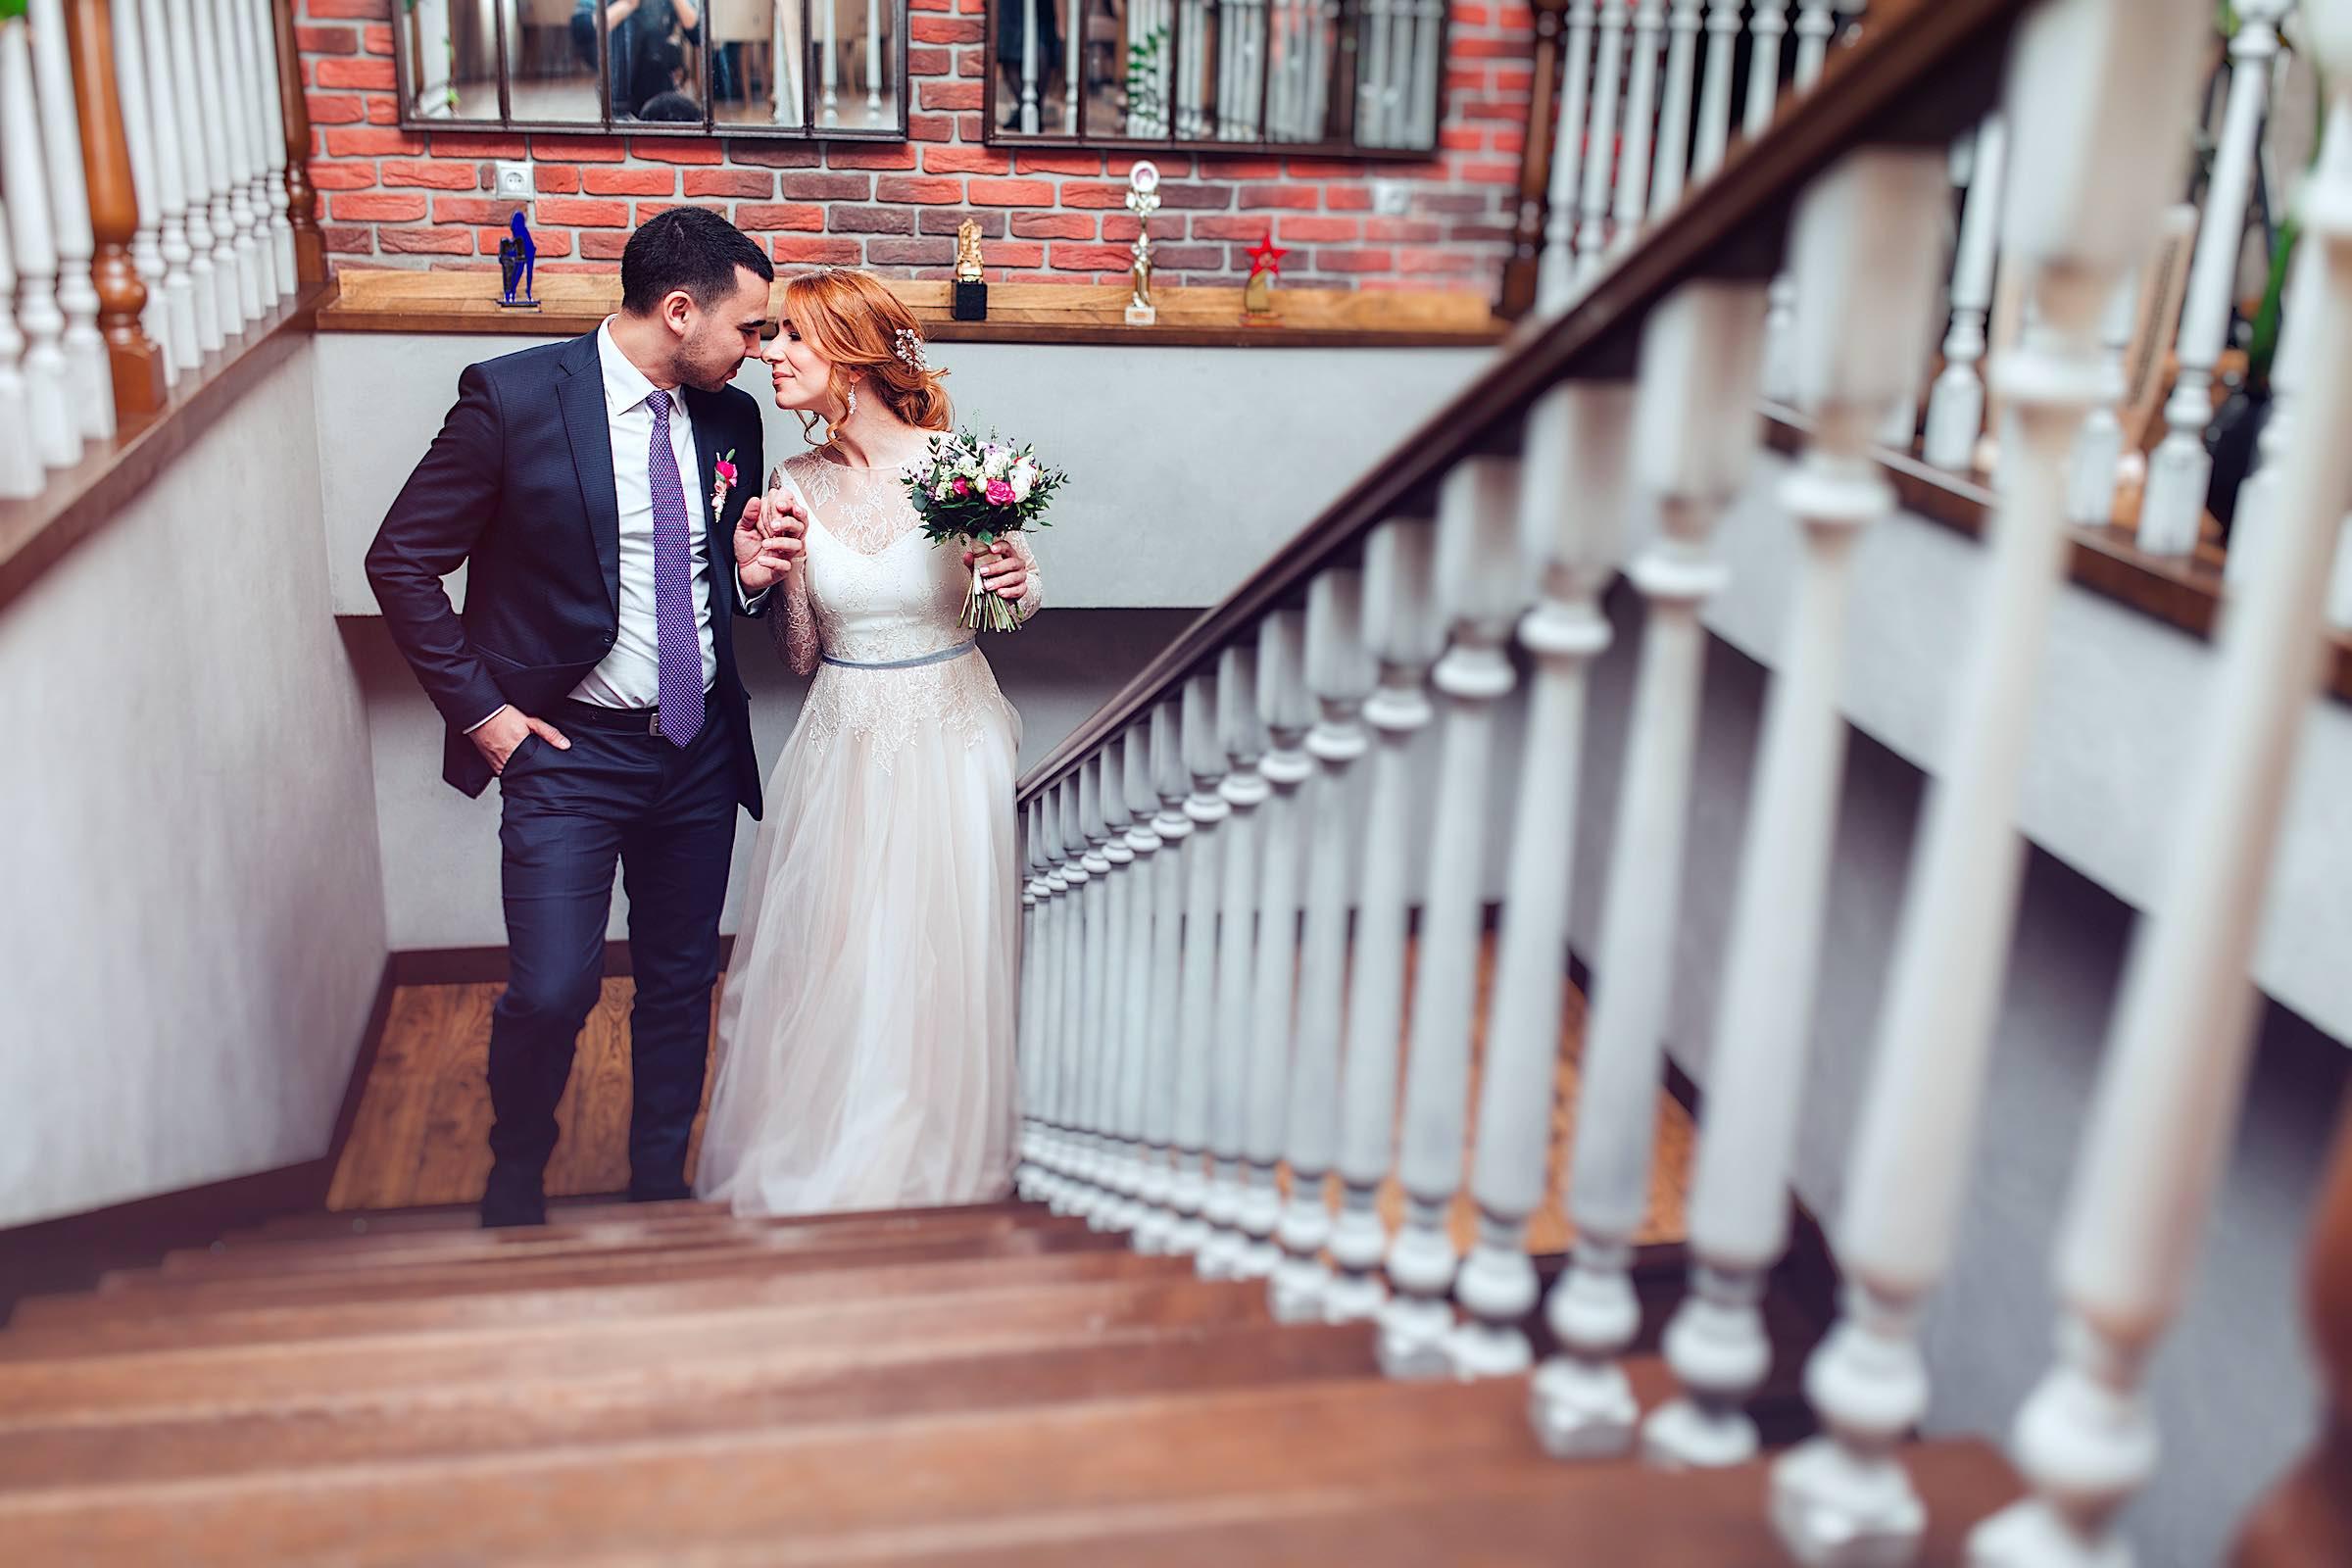 Hochzeitsfotograf | Celle | Hannover | Braunschweig | Hameln | Peine | Hamburg | Fotograf | Hochzeit | Hochzeitsfotografie | Hochzeitsreportage | Fotografie | Mieten | Buchen | Lehmann | Eventservice